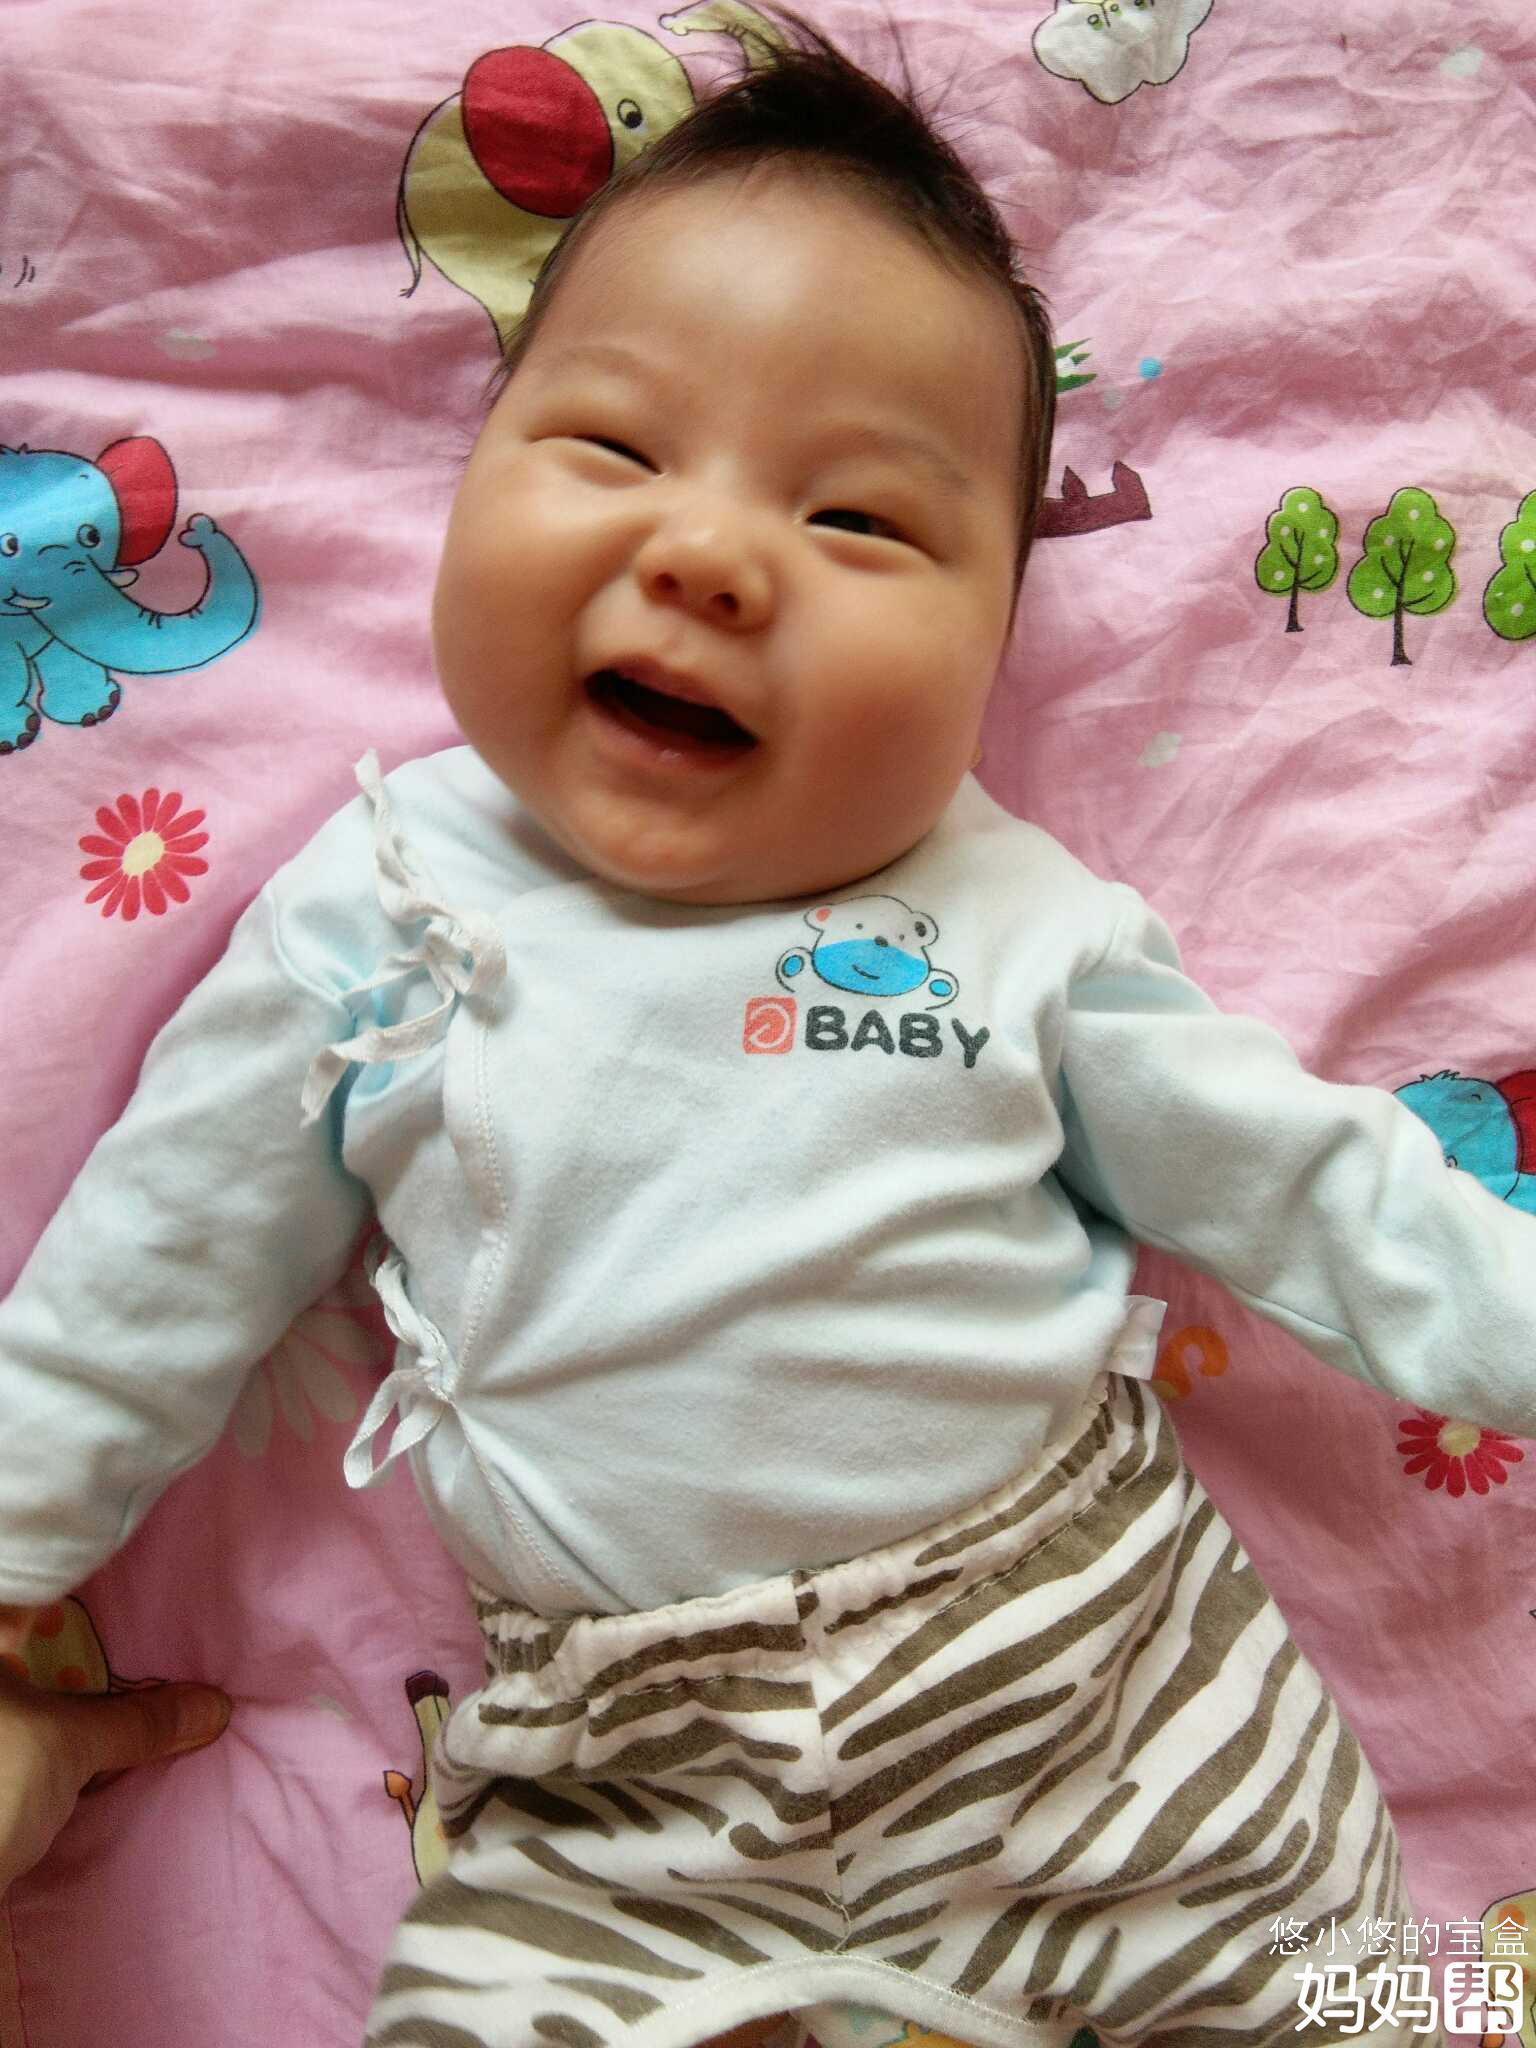 宝宝两个月了,来晒娃啦